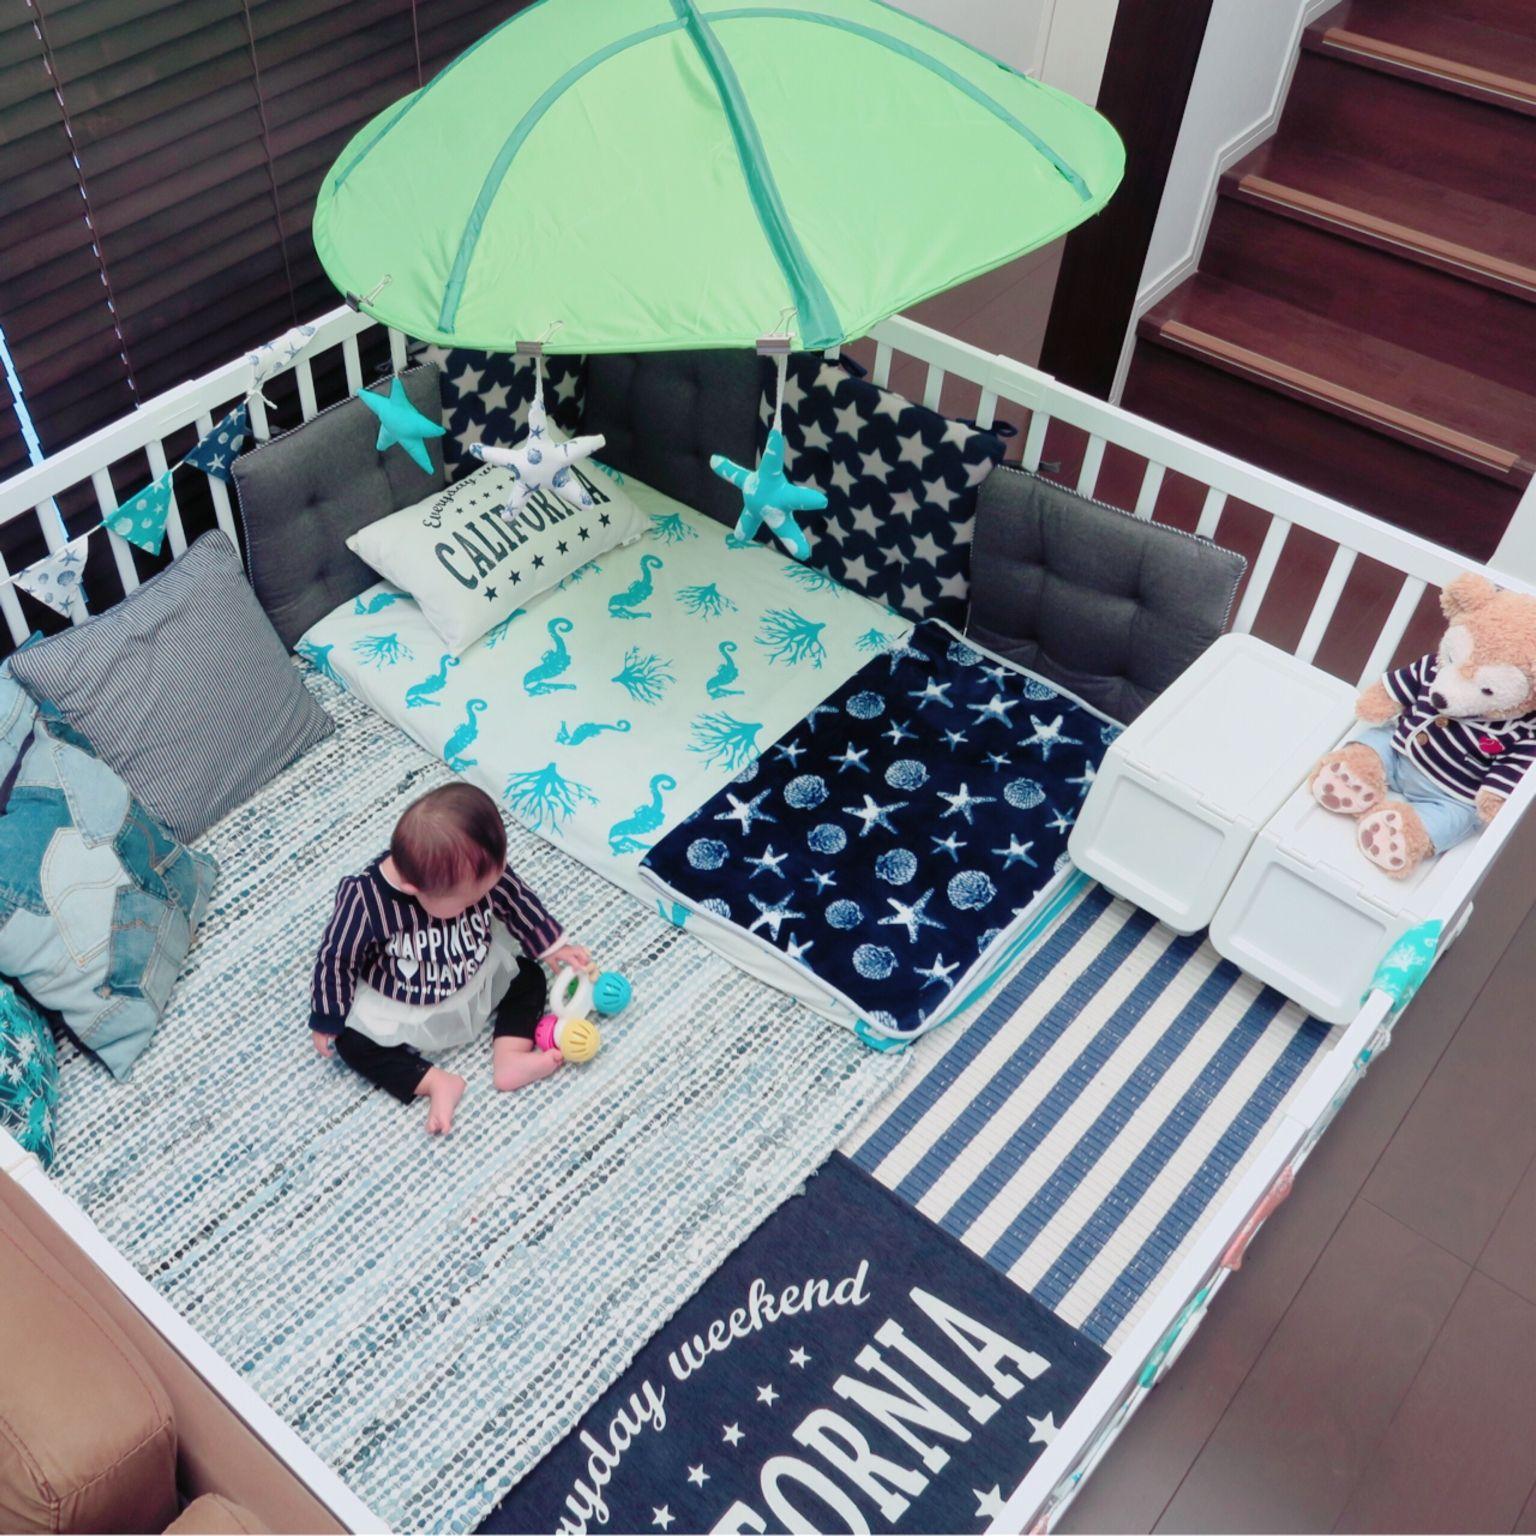 赤ちゃんの部屋のインテリア実例22例 安全で快適な部屋とは